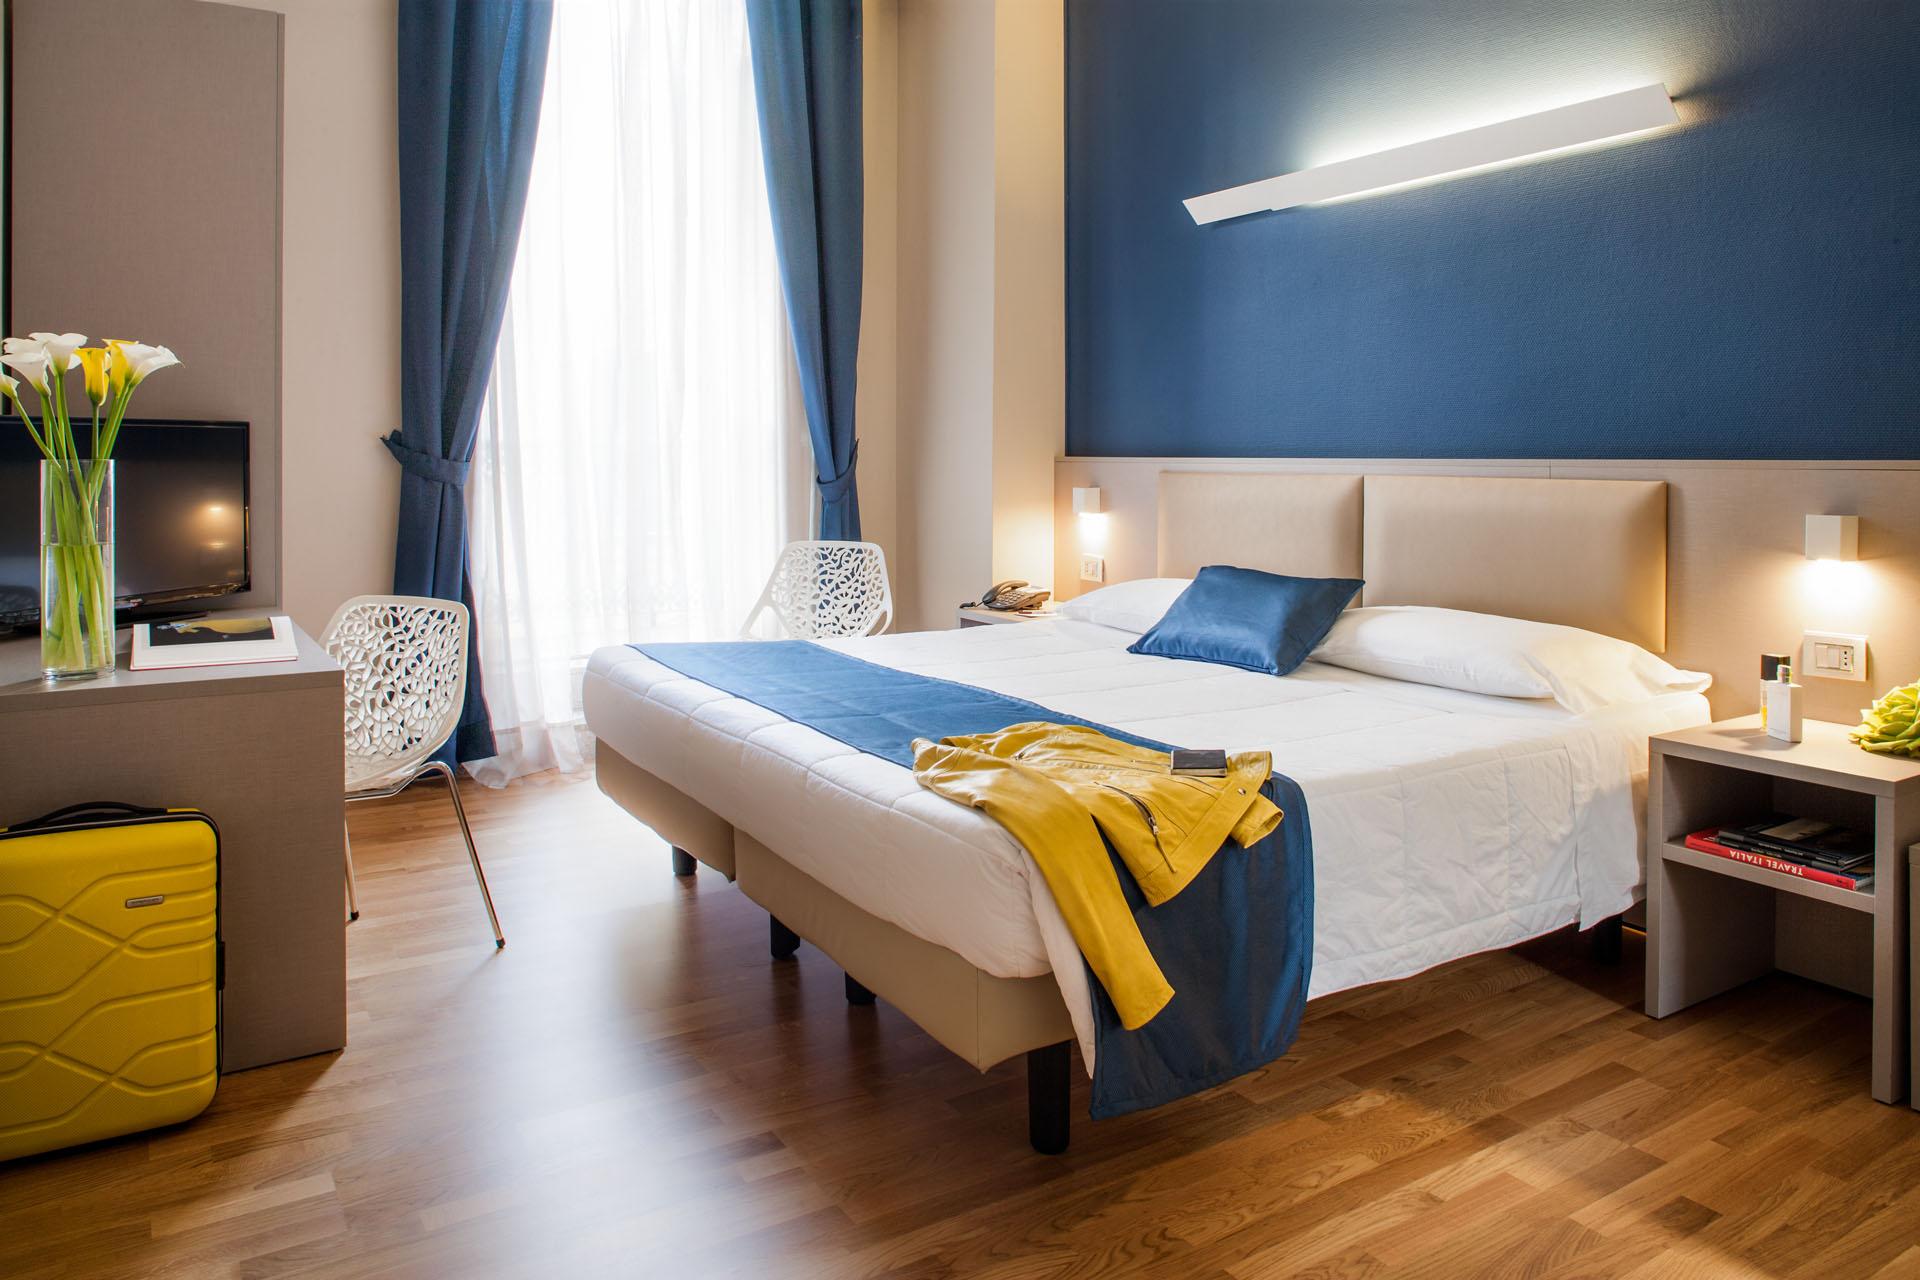 Camere e suite panoramiche pet friendly hotel torino aria for Hotel design torino